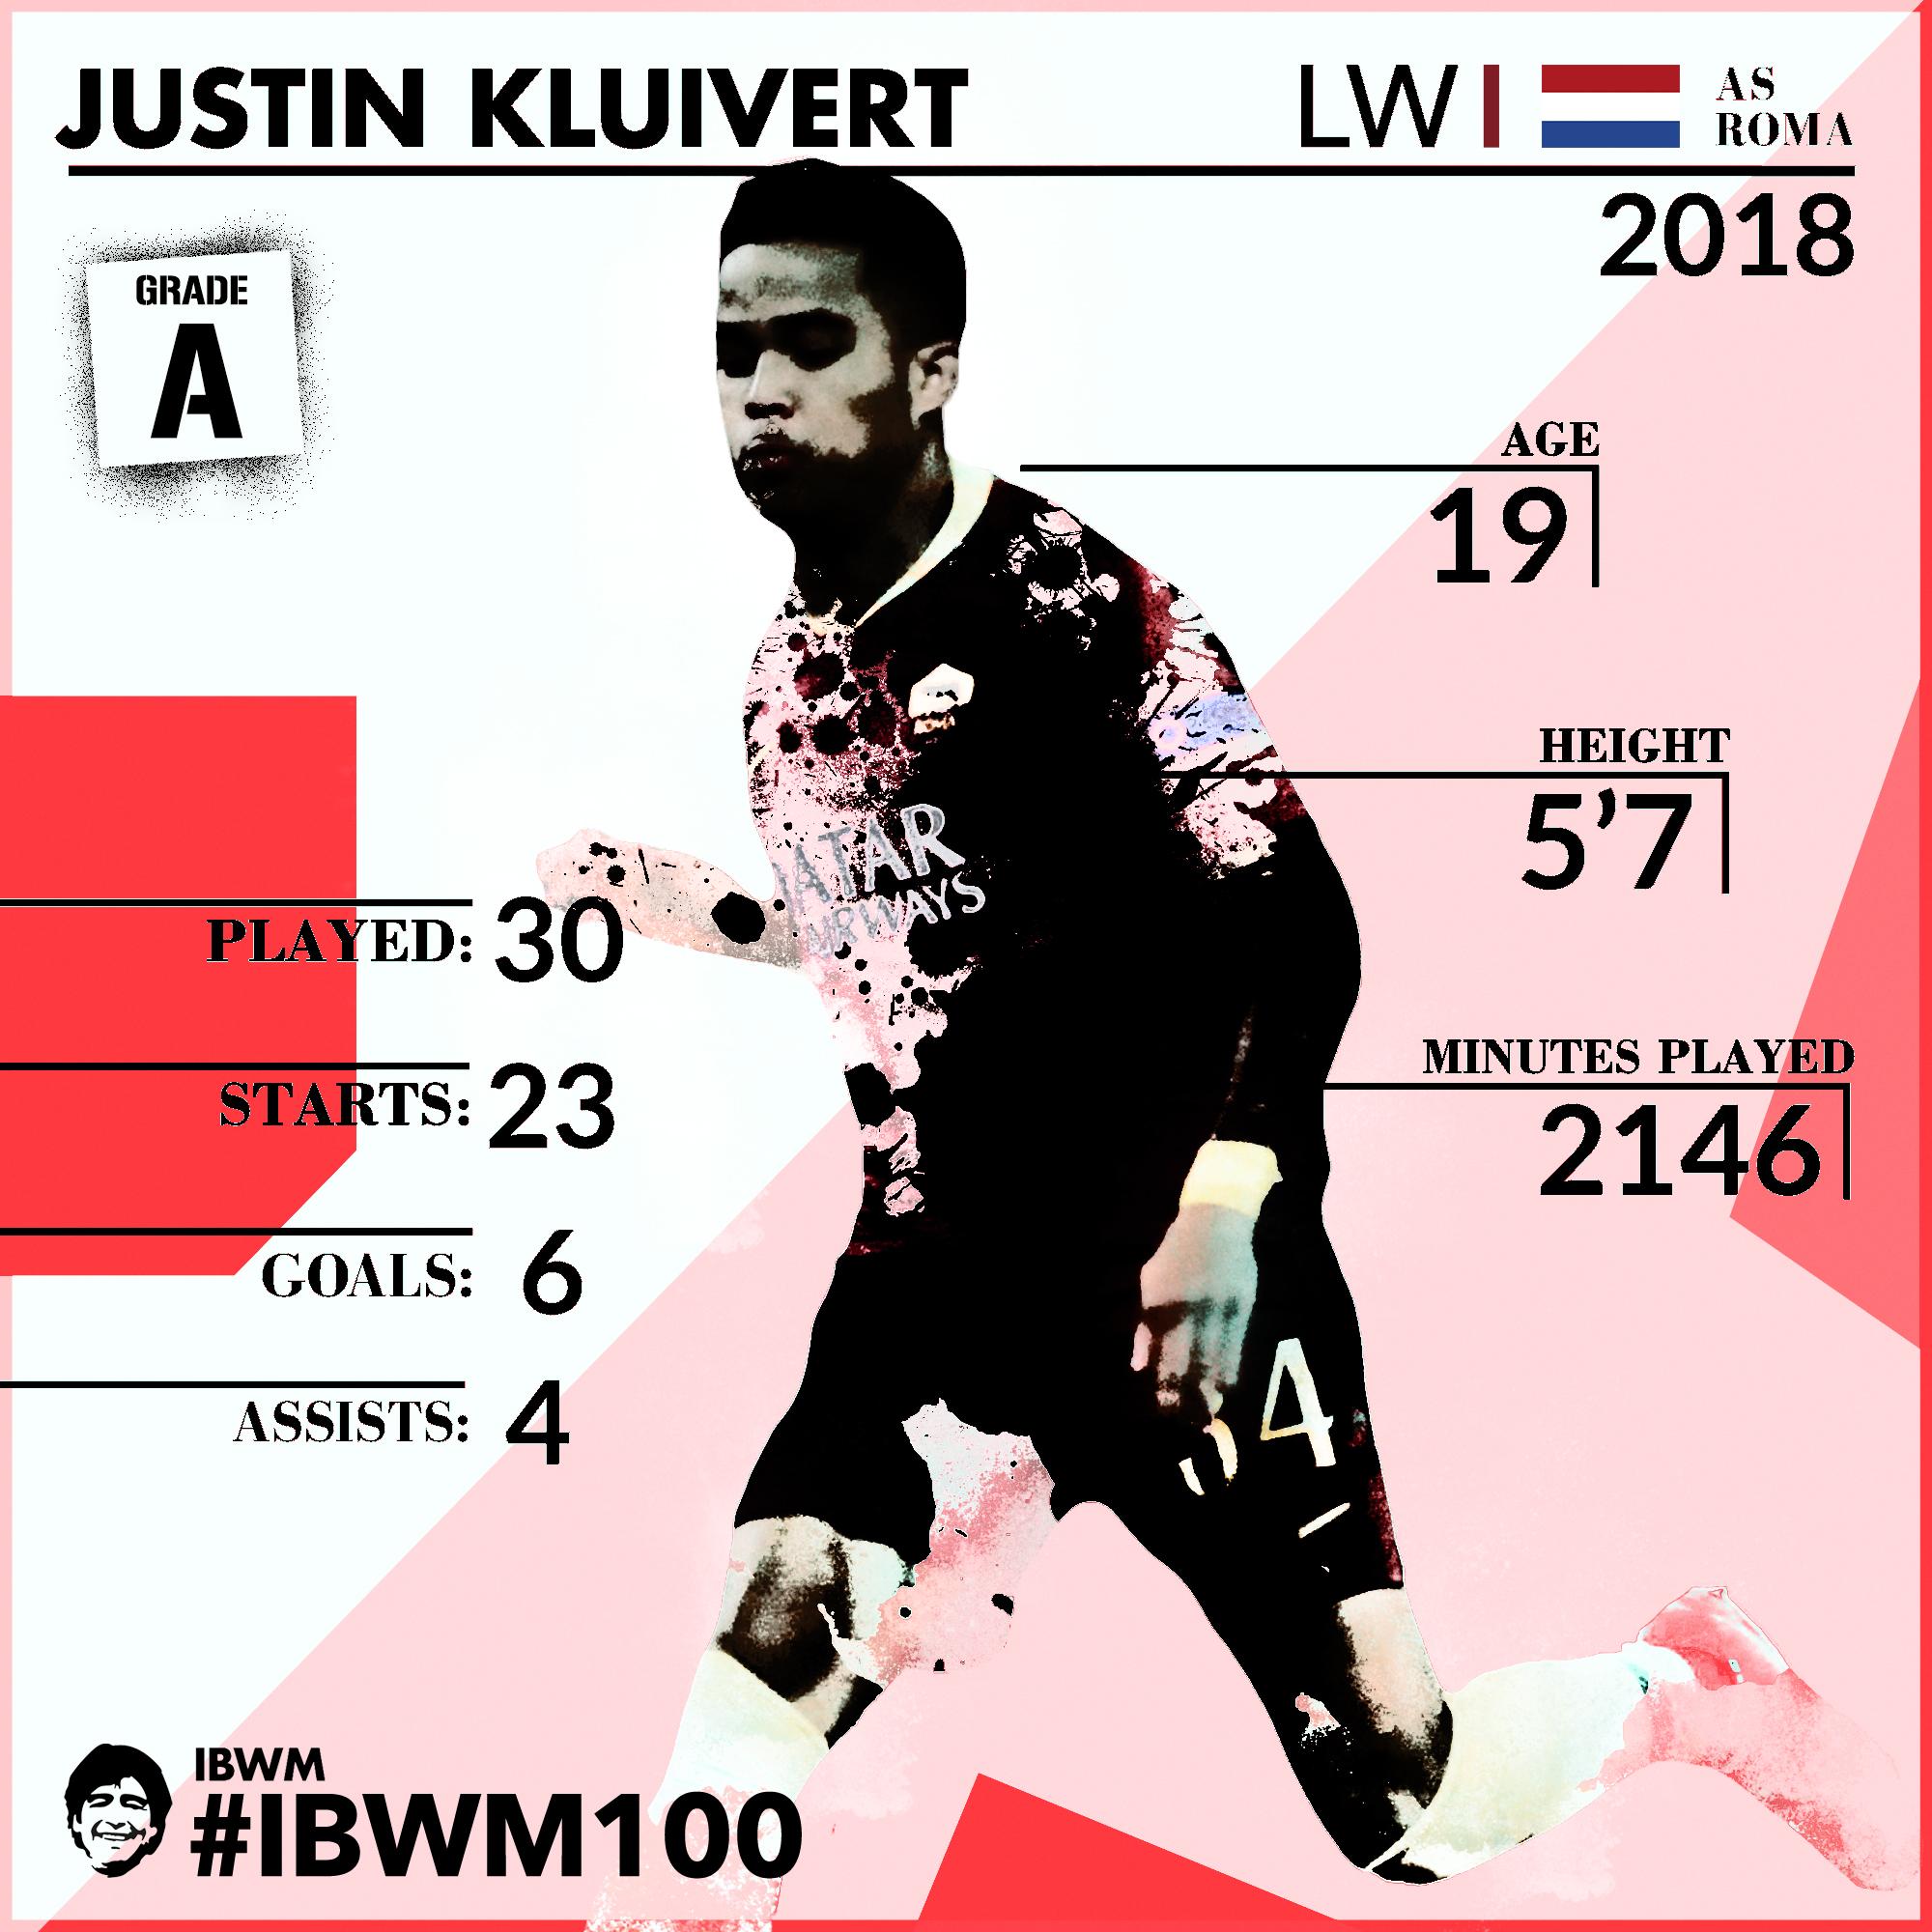 IBWM - Justin Kluivert.jpg